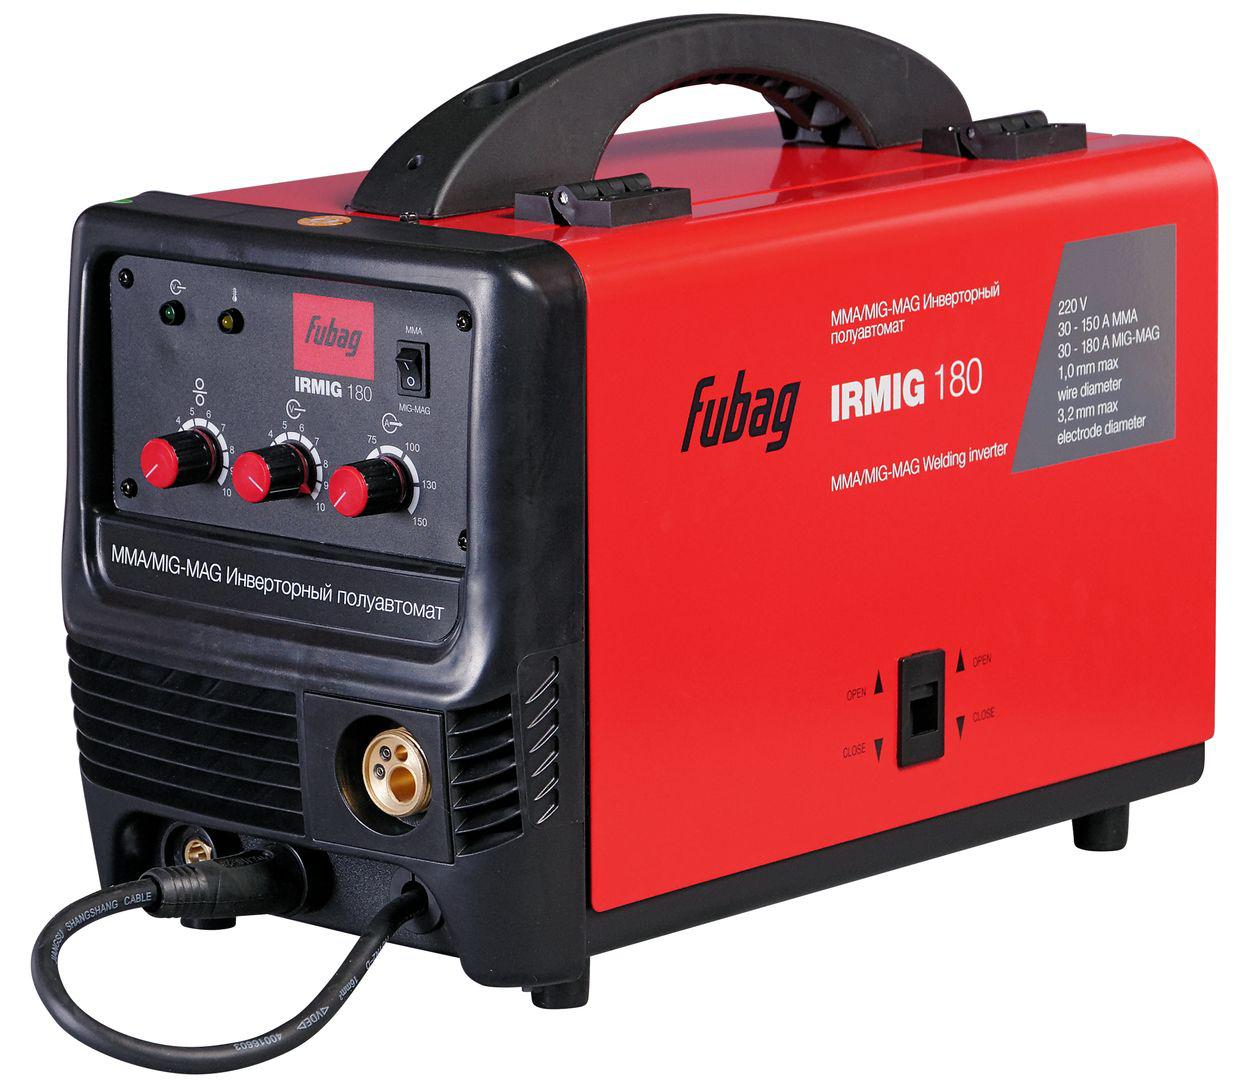 Сварочный полуавтомат Fubag Irmig 180 38608 + горелка fb 250 3 м сварочный полуавтомат fubag irmig 180 с горелкой fb 250 3 м